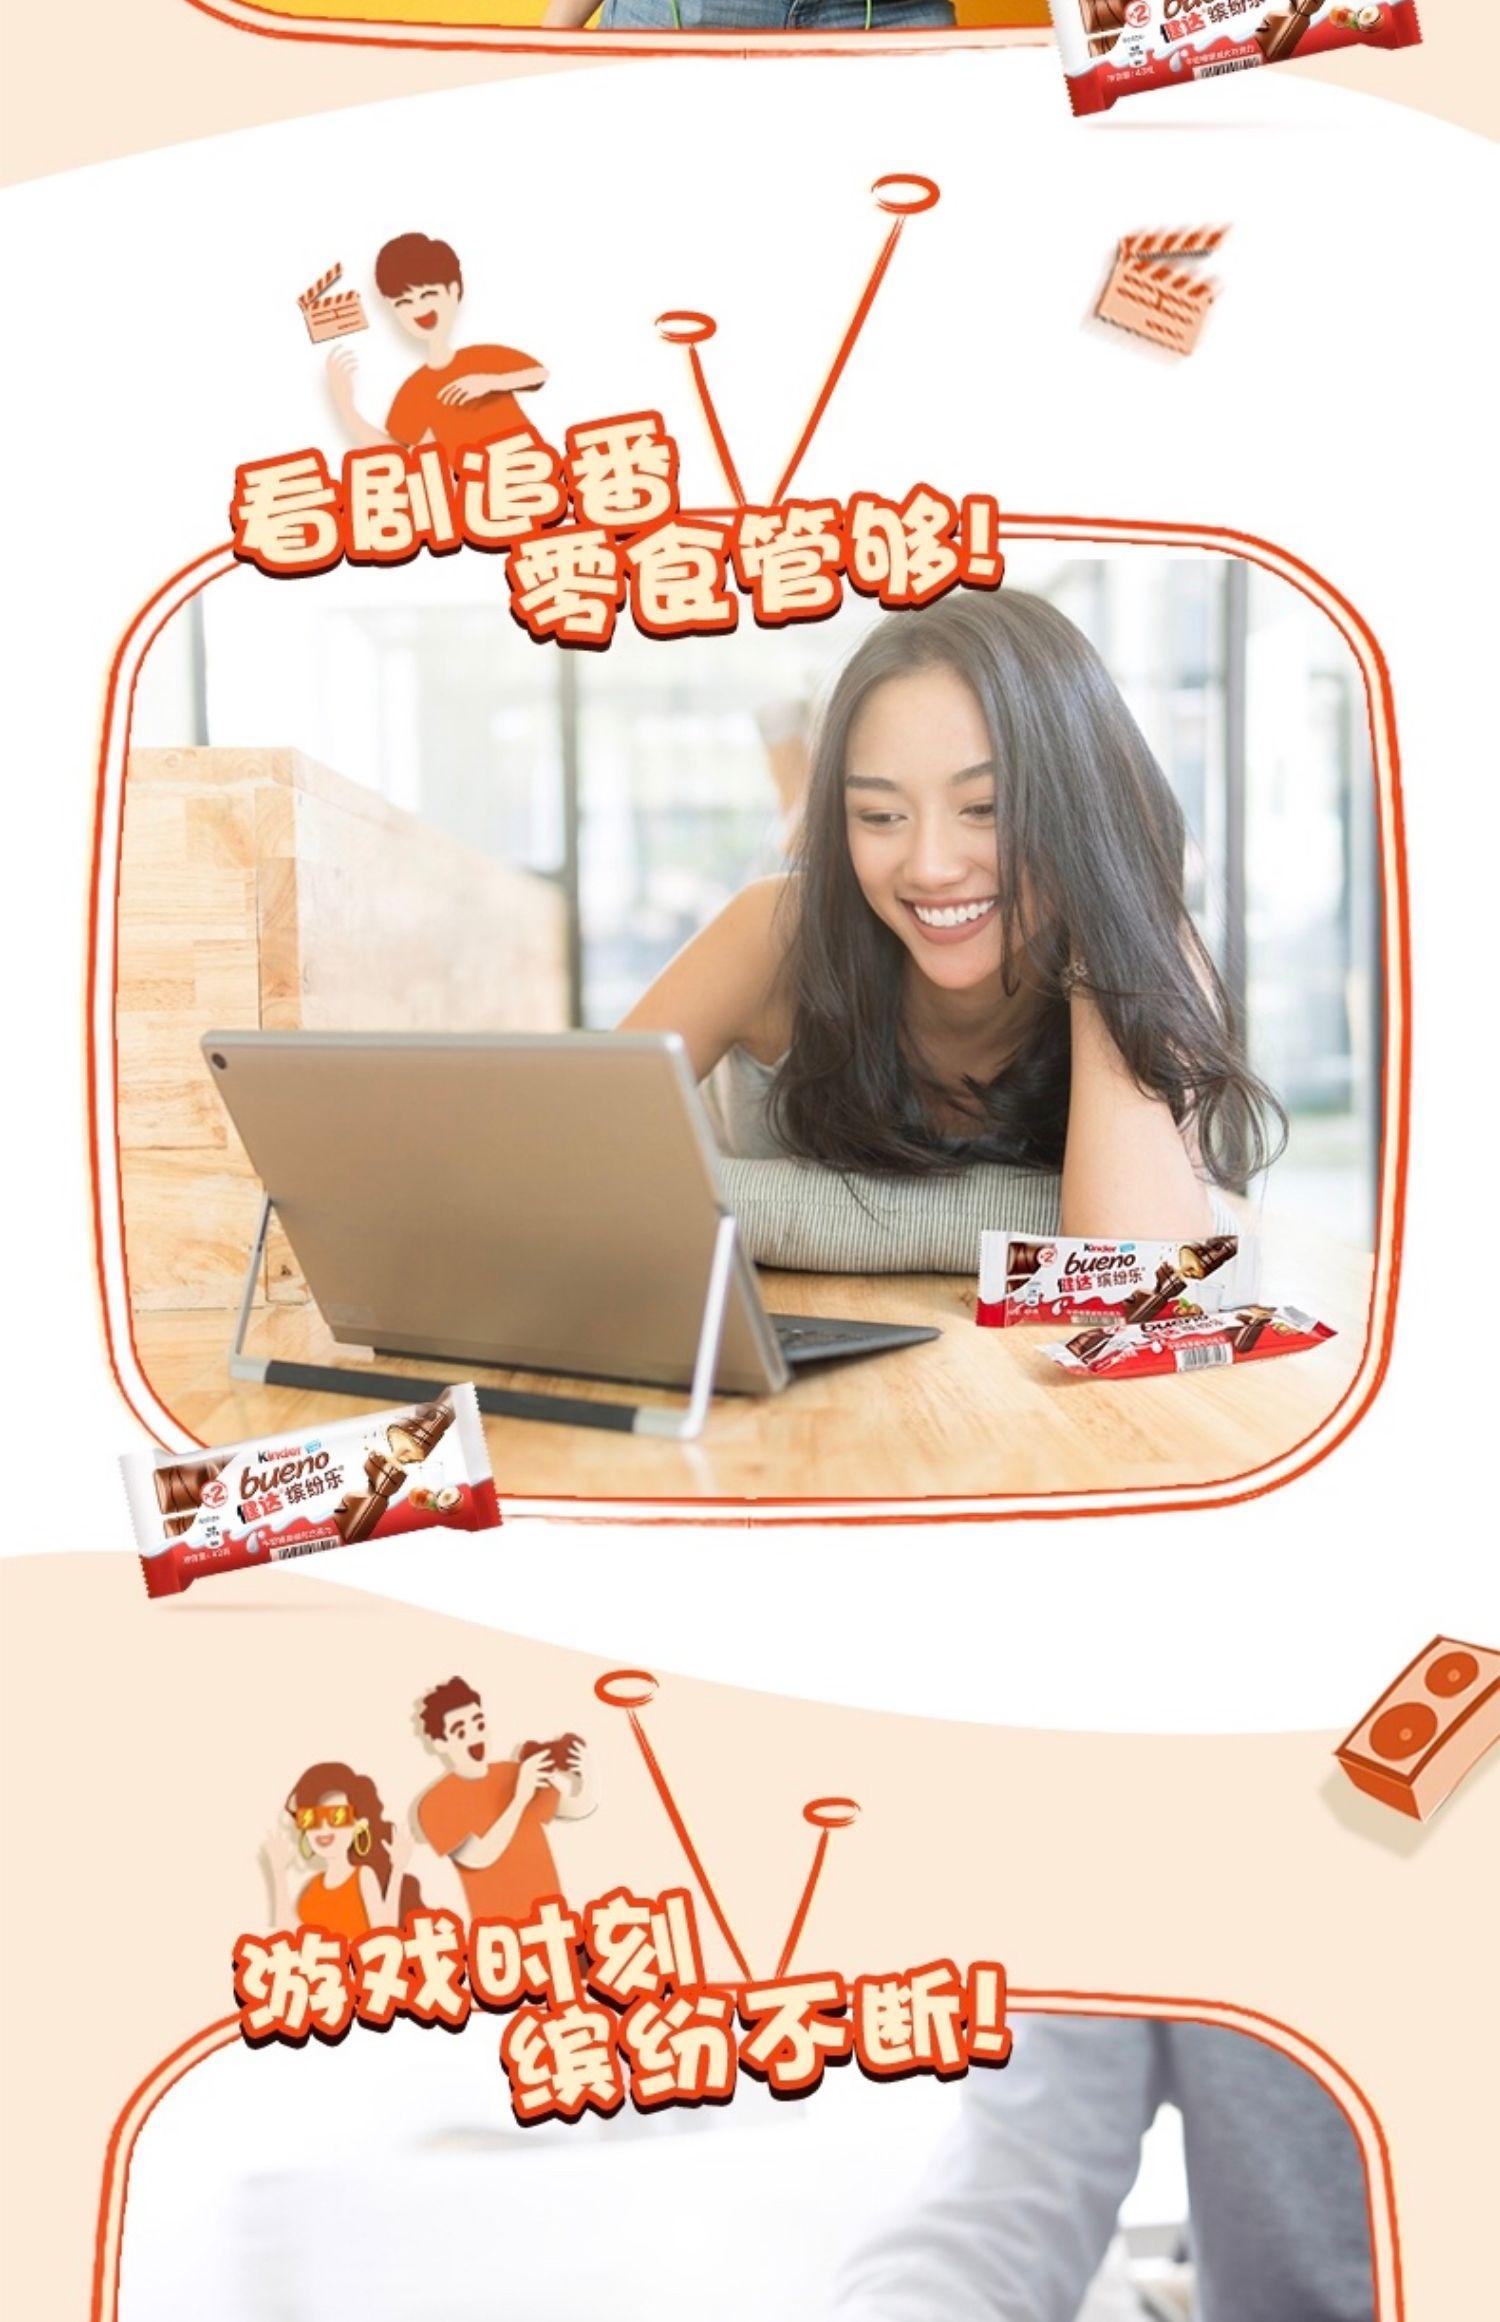 【健达】缤纷乐牛奶榛果威化巧克力2条*9包